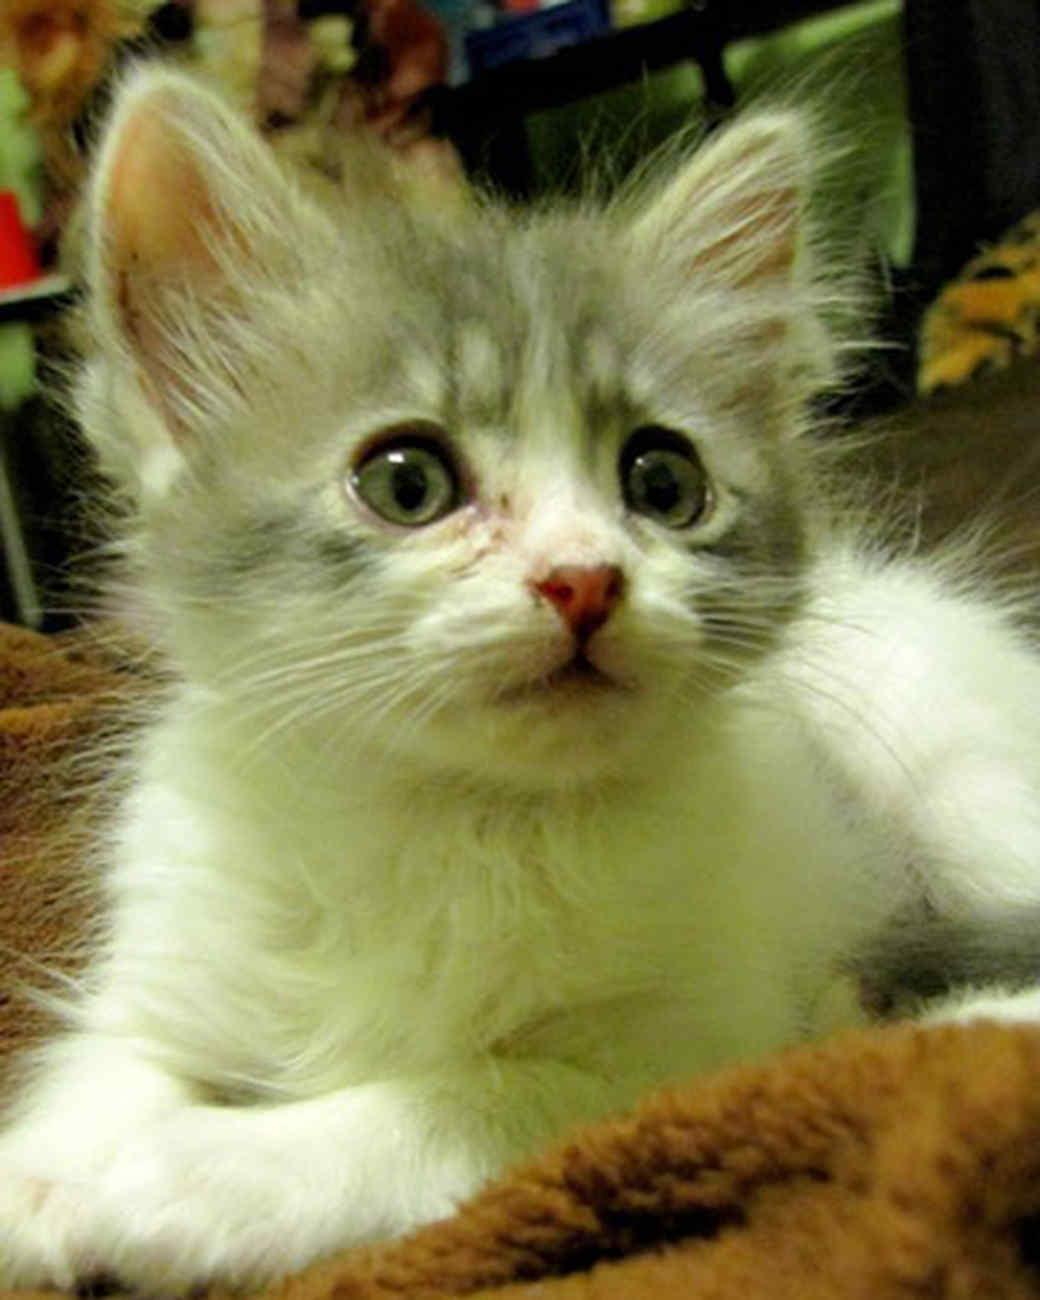 pets_kittens_0610_9618951_23754049.jpg